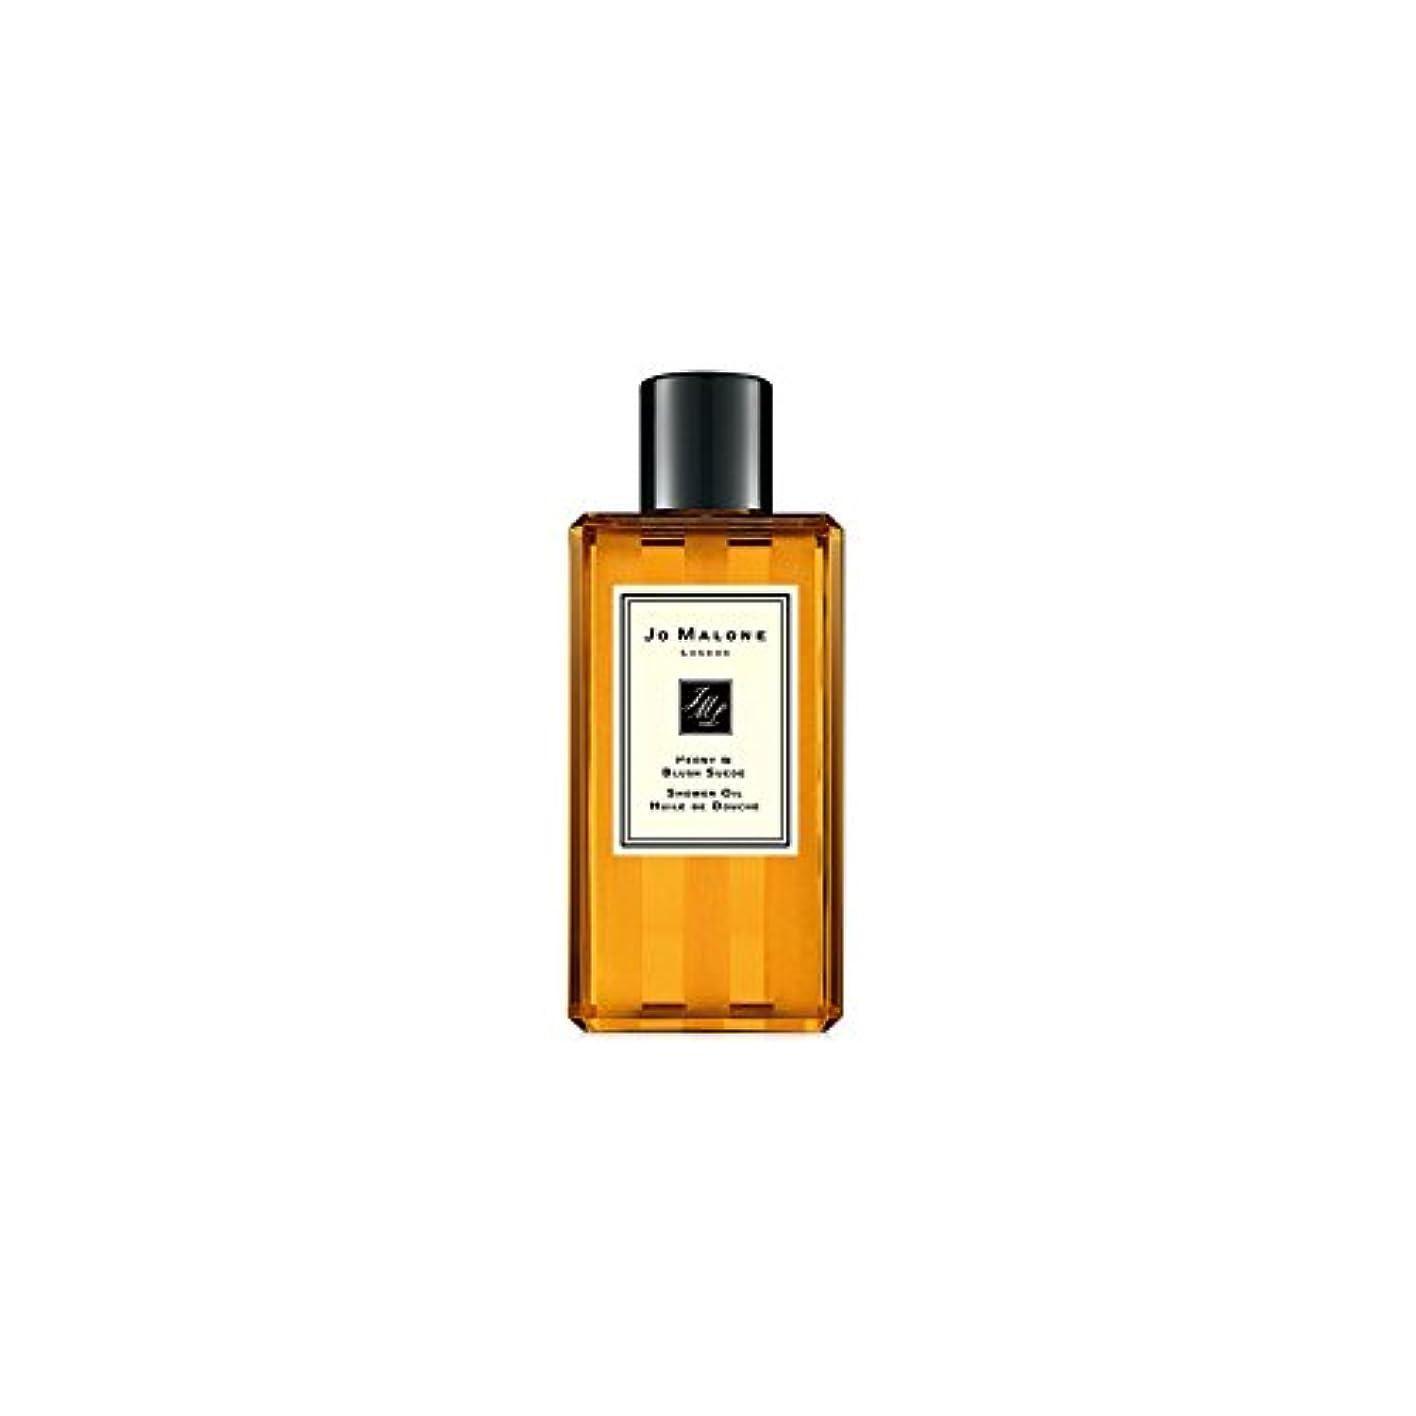 ストライク厳しい素晴らしさJo Malone Peony & Blush Suede Shower Oil - 250ml (Pack of 2) - ジョーマローン牡丹&スエードシャワーオイル赤面 - 250ミリリットル (x2) [並行輸入品]